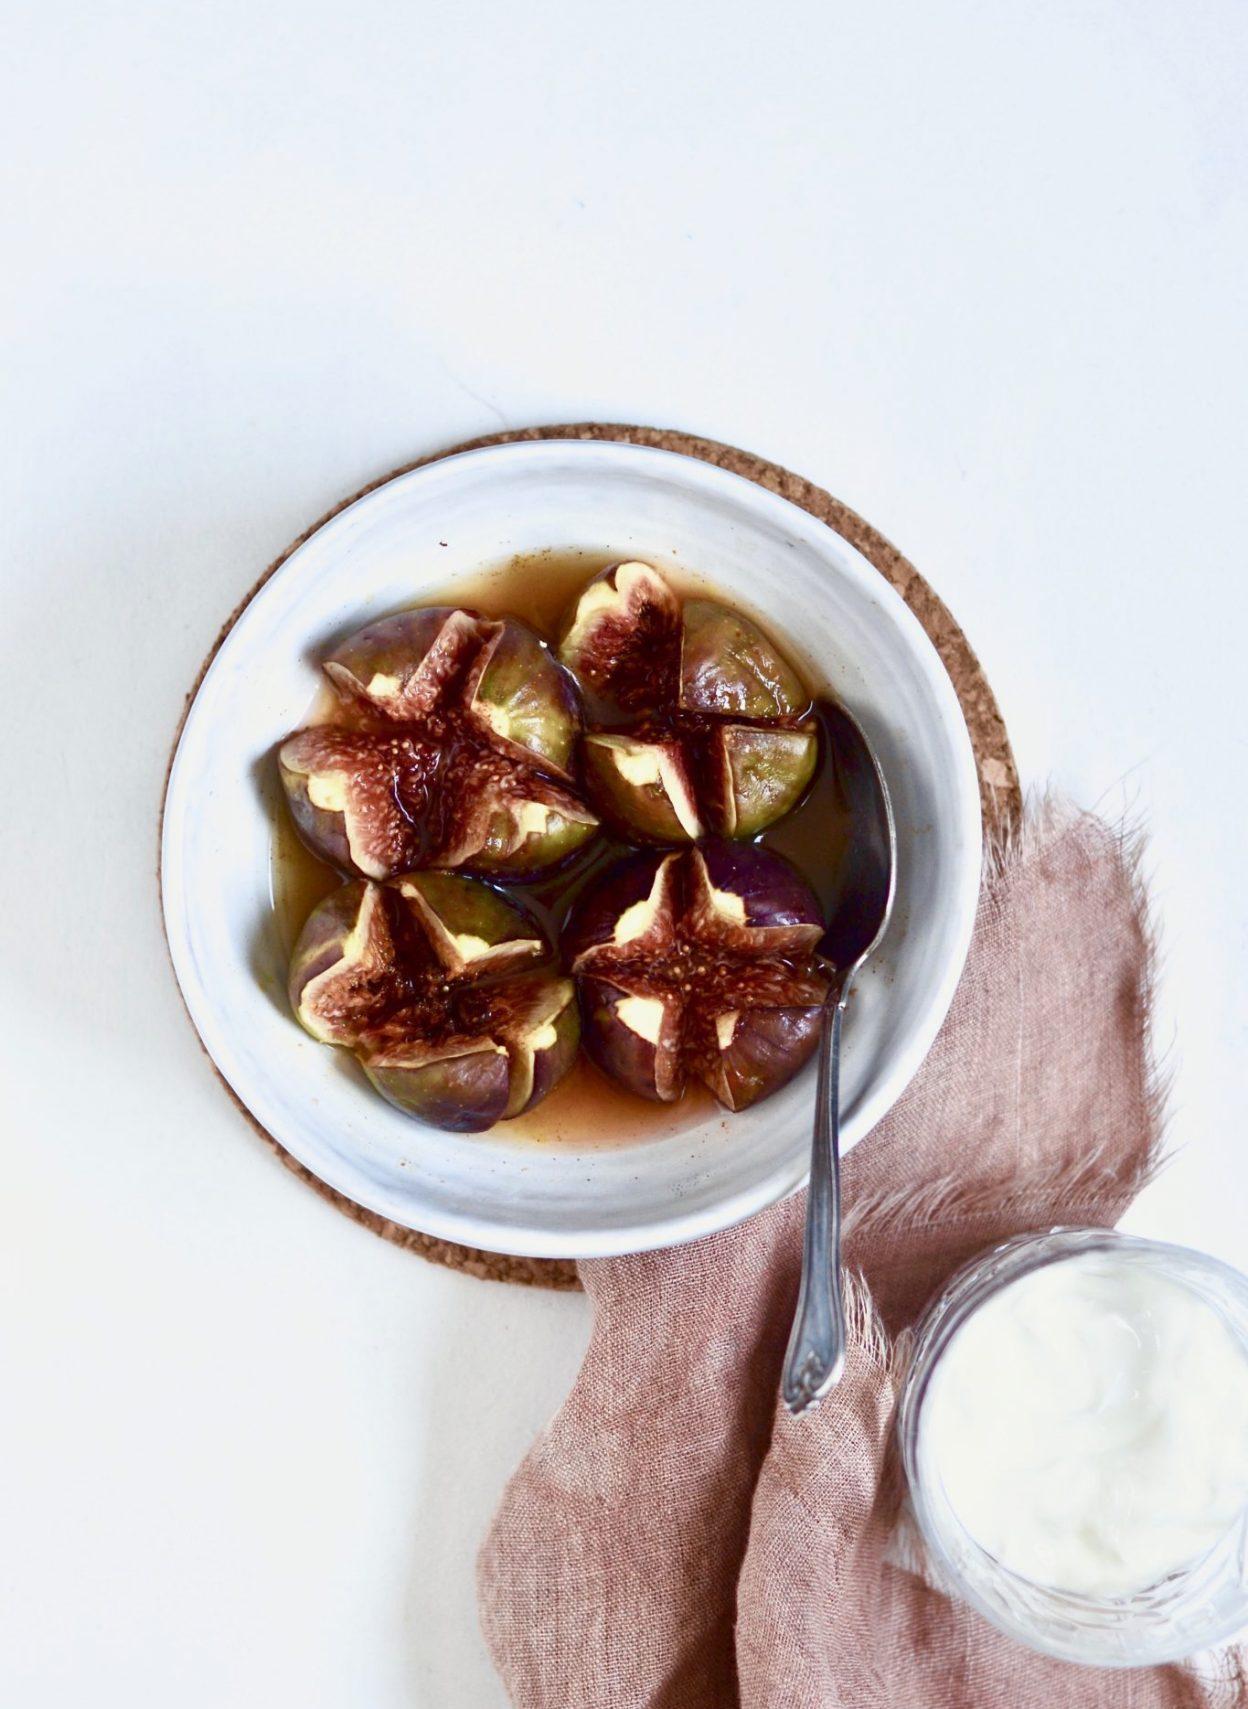 bagte figner med honning